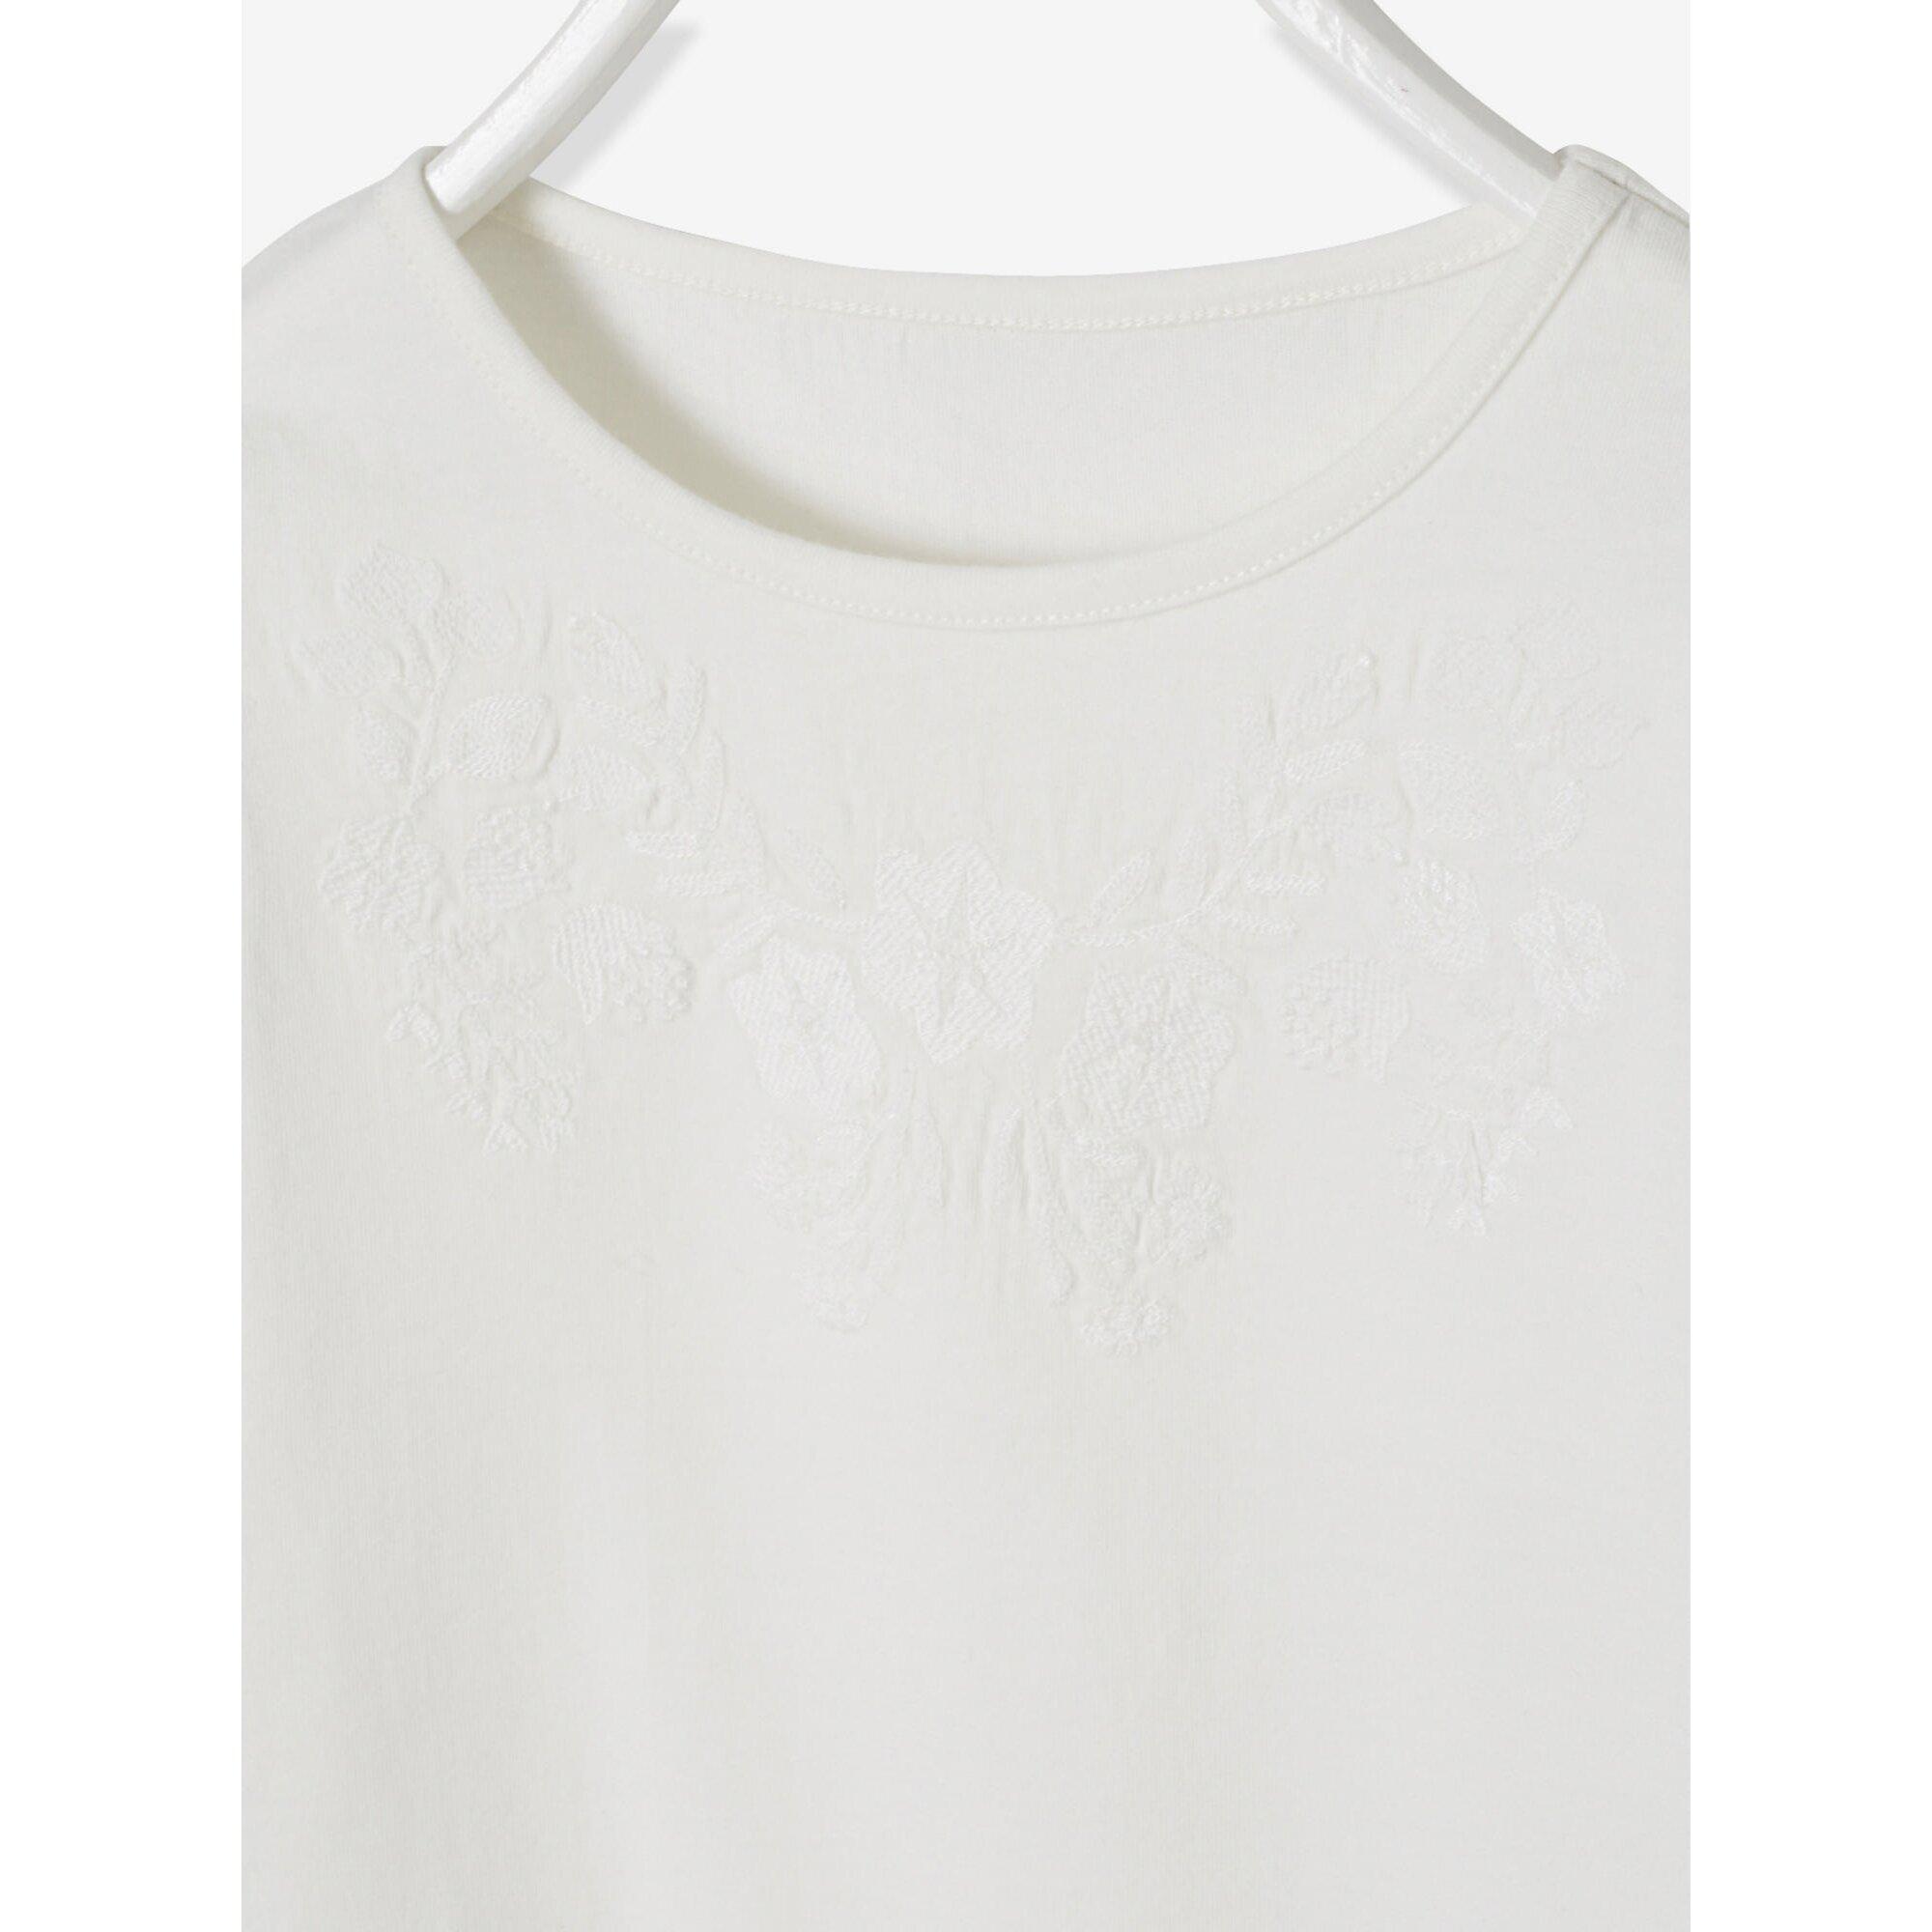 vertbaudet-madchen-shirt-mit-blumenstickerei